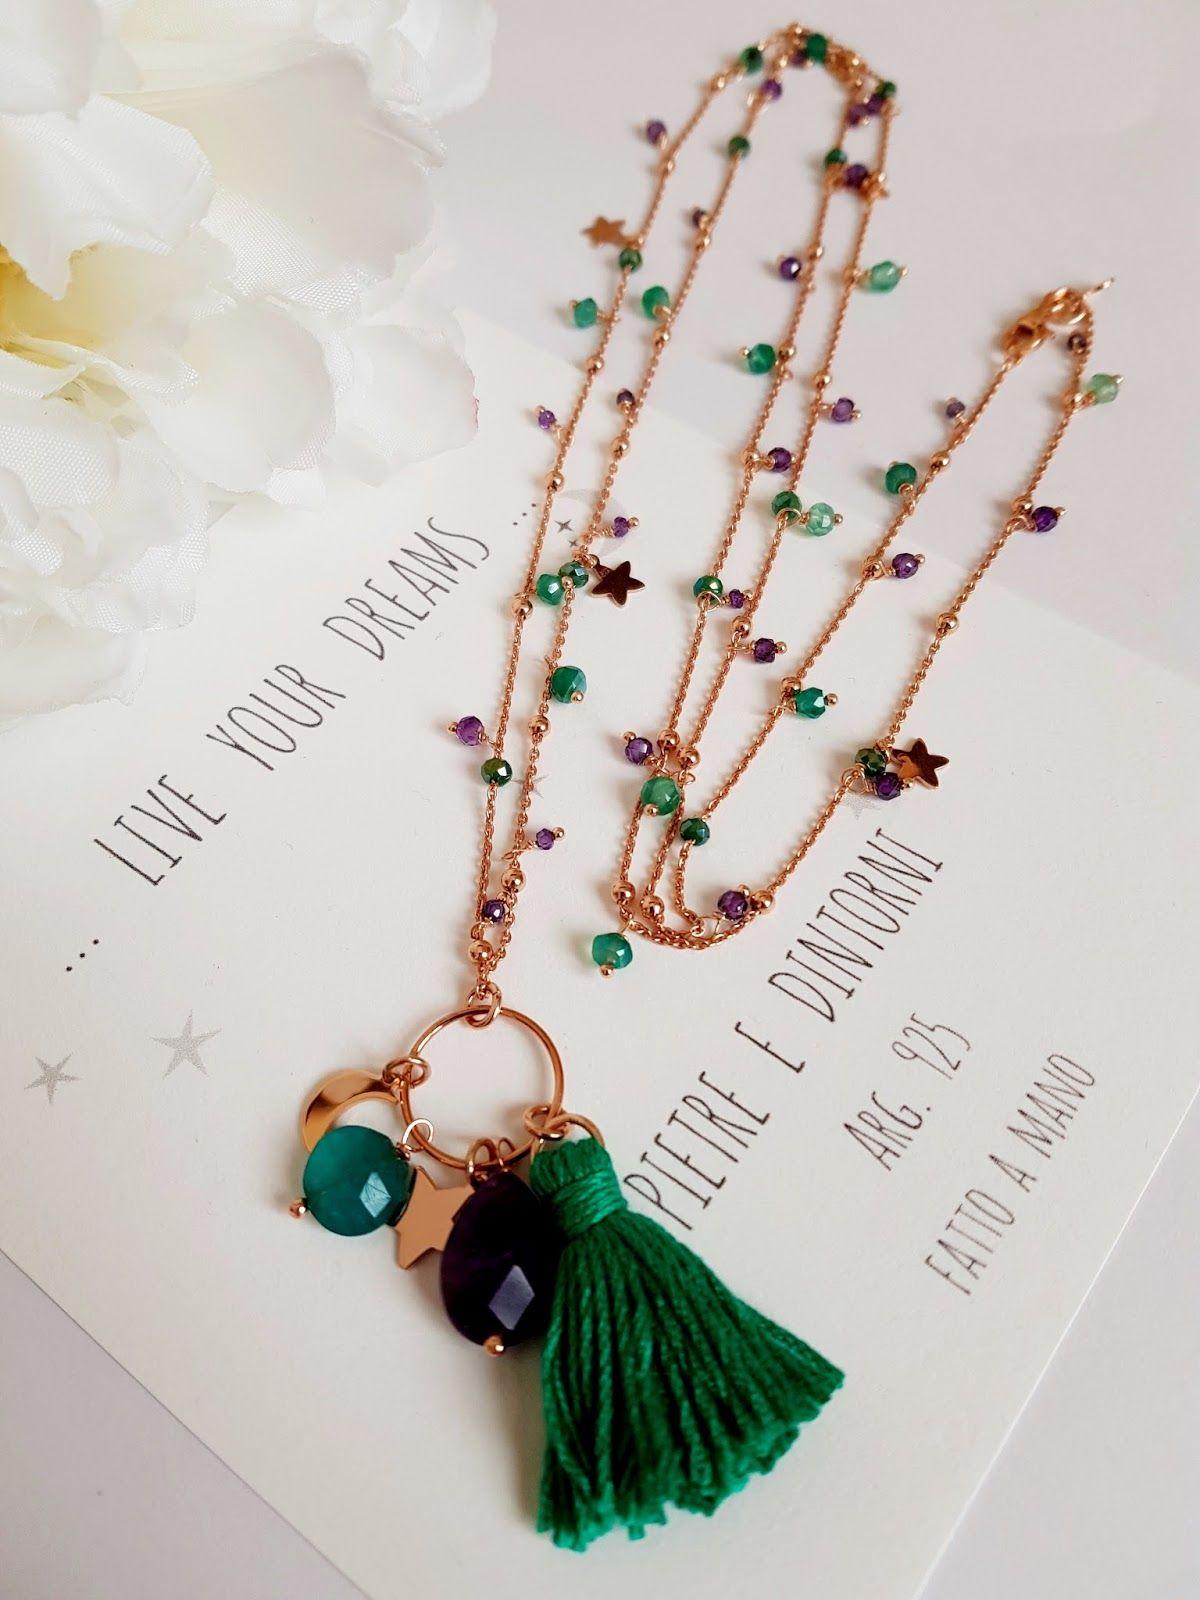 Pietre e dintorni jewelry inspirations collane di for Orecchini con pietre dure fai da te